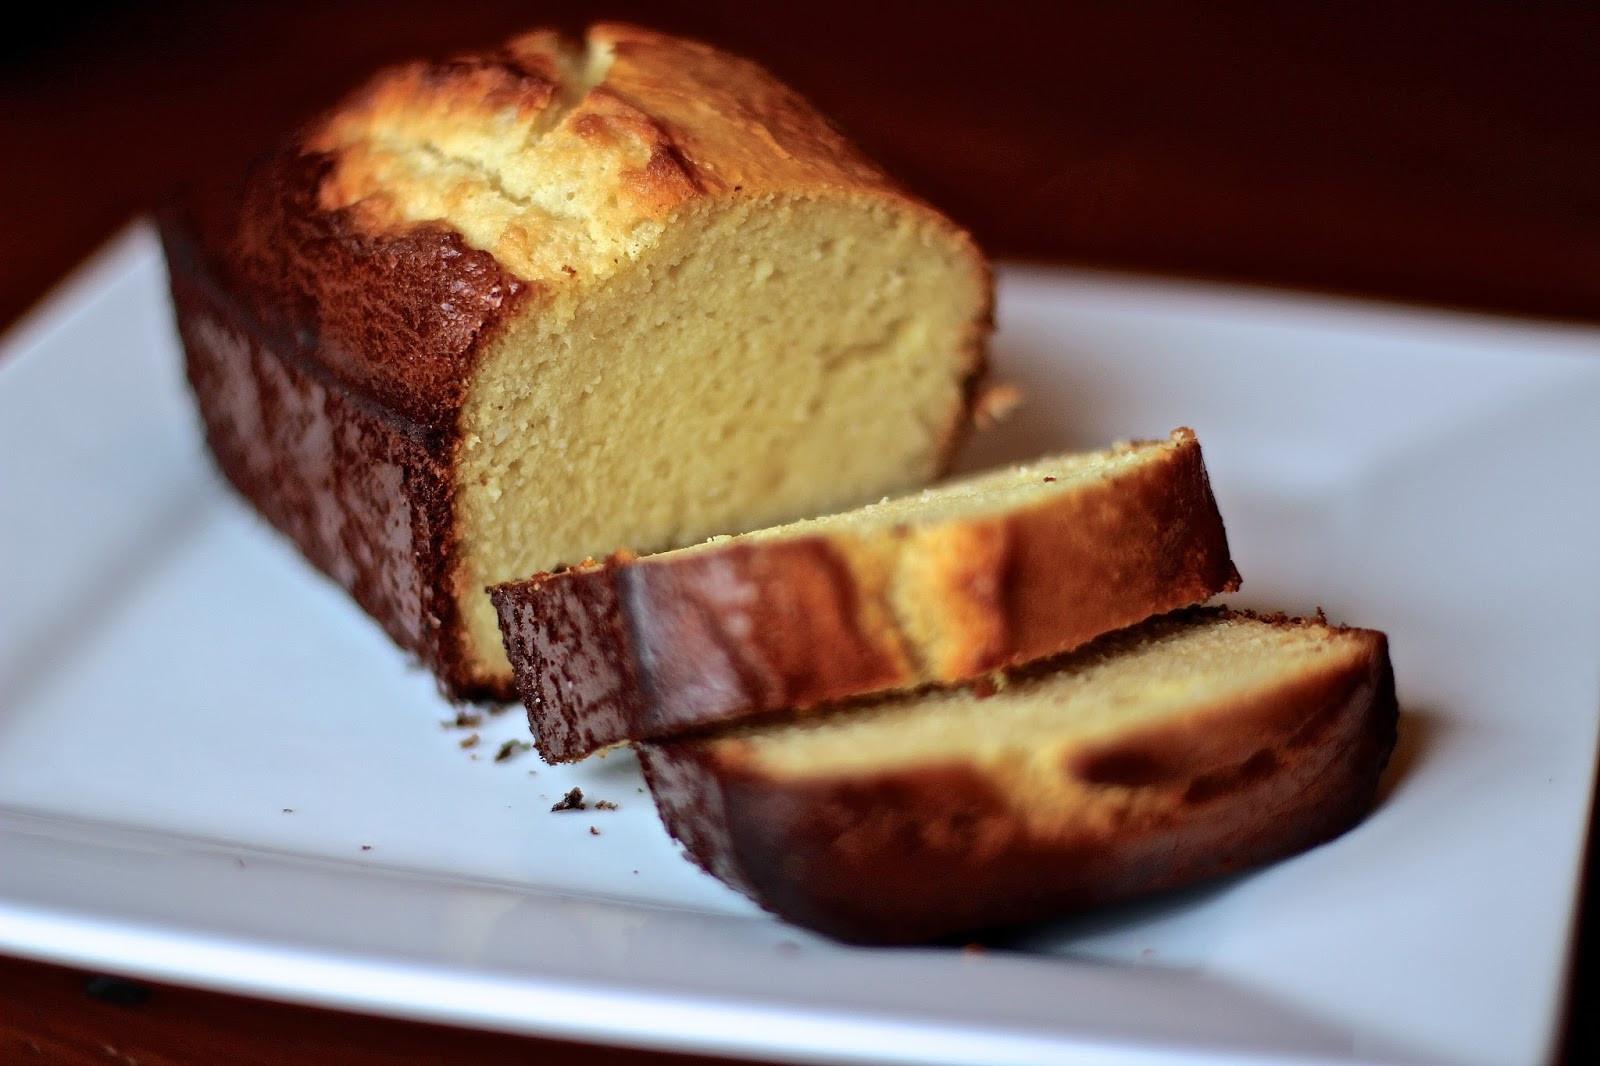 Grain Free Bread Recipe Almond Meal  Grain Free Keto Almond Flour Bread DrJockers